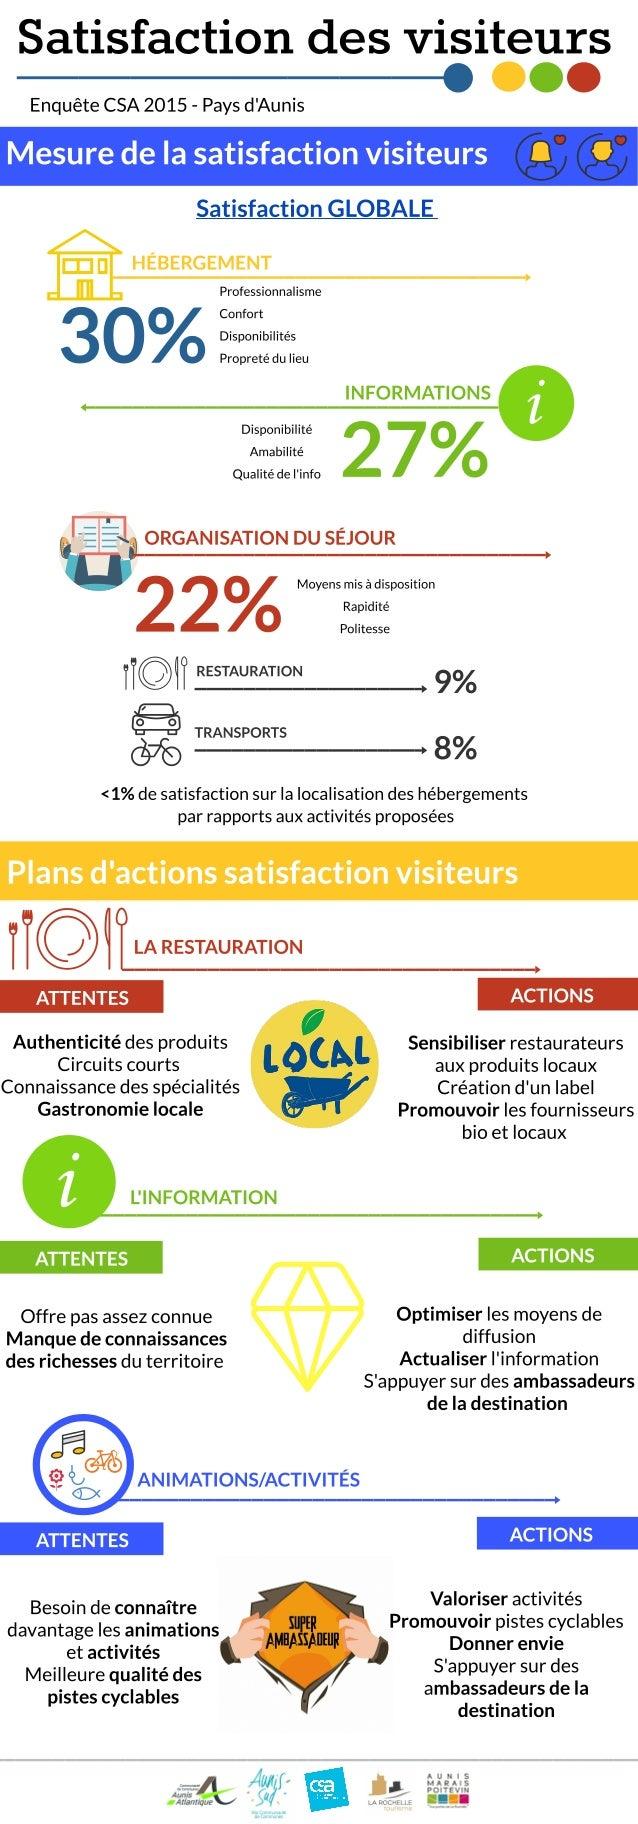 Etude CSA sur la satisfaction des visiteurs en Pays d'Aunis 2015